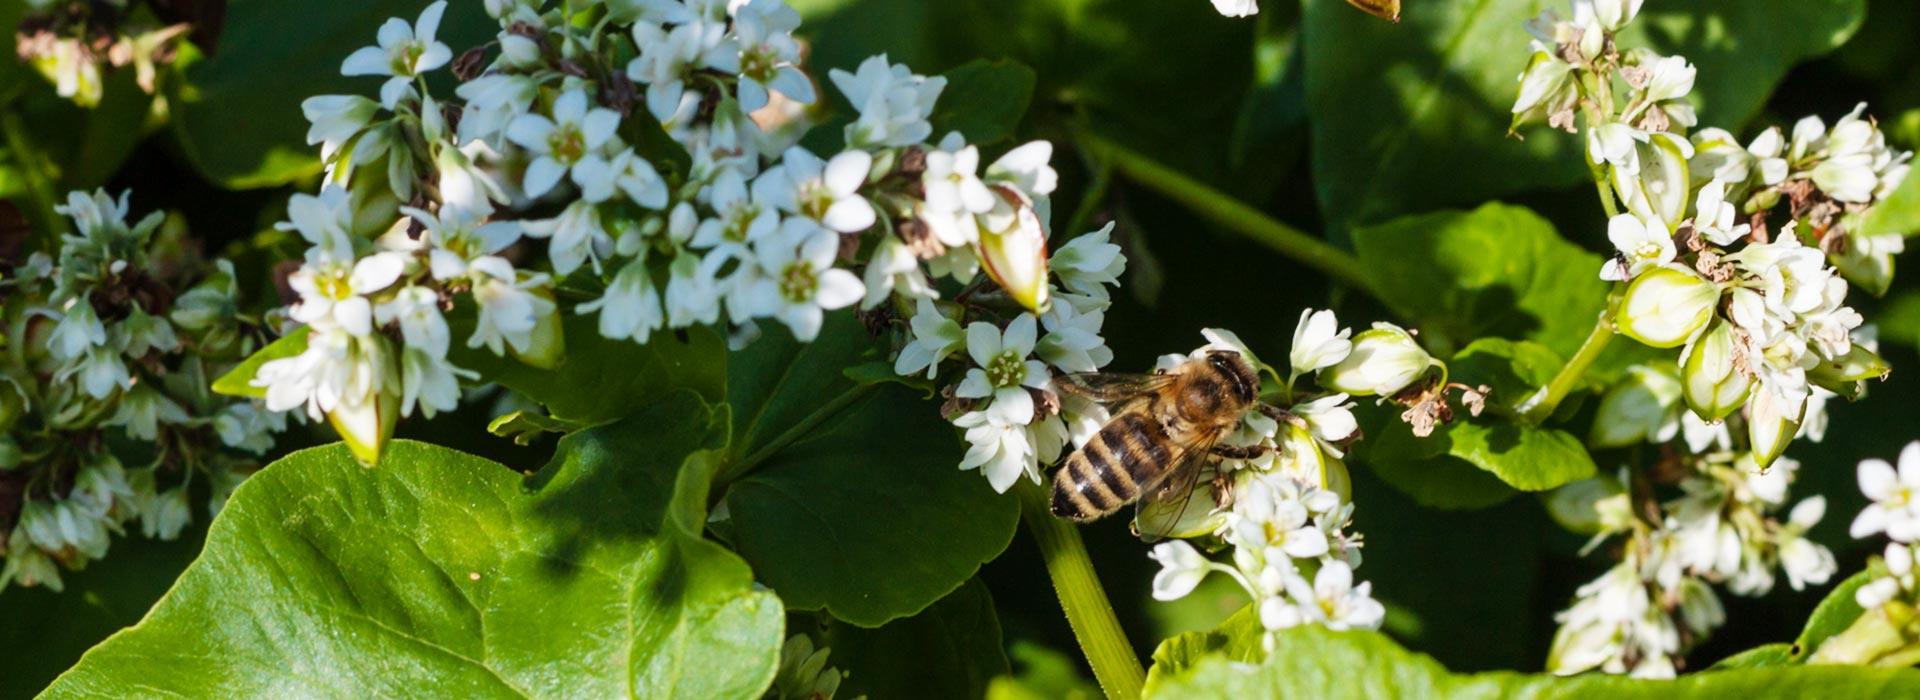 Biene sammelt Nahrung auf Buchweizenblüte